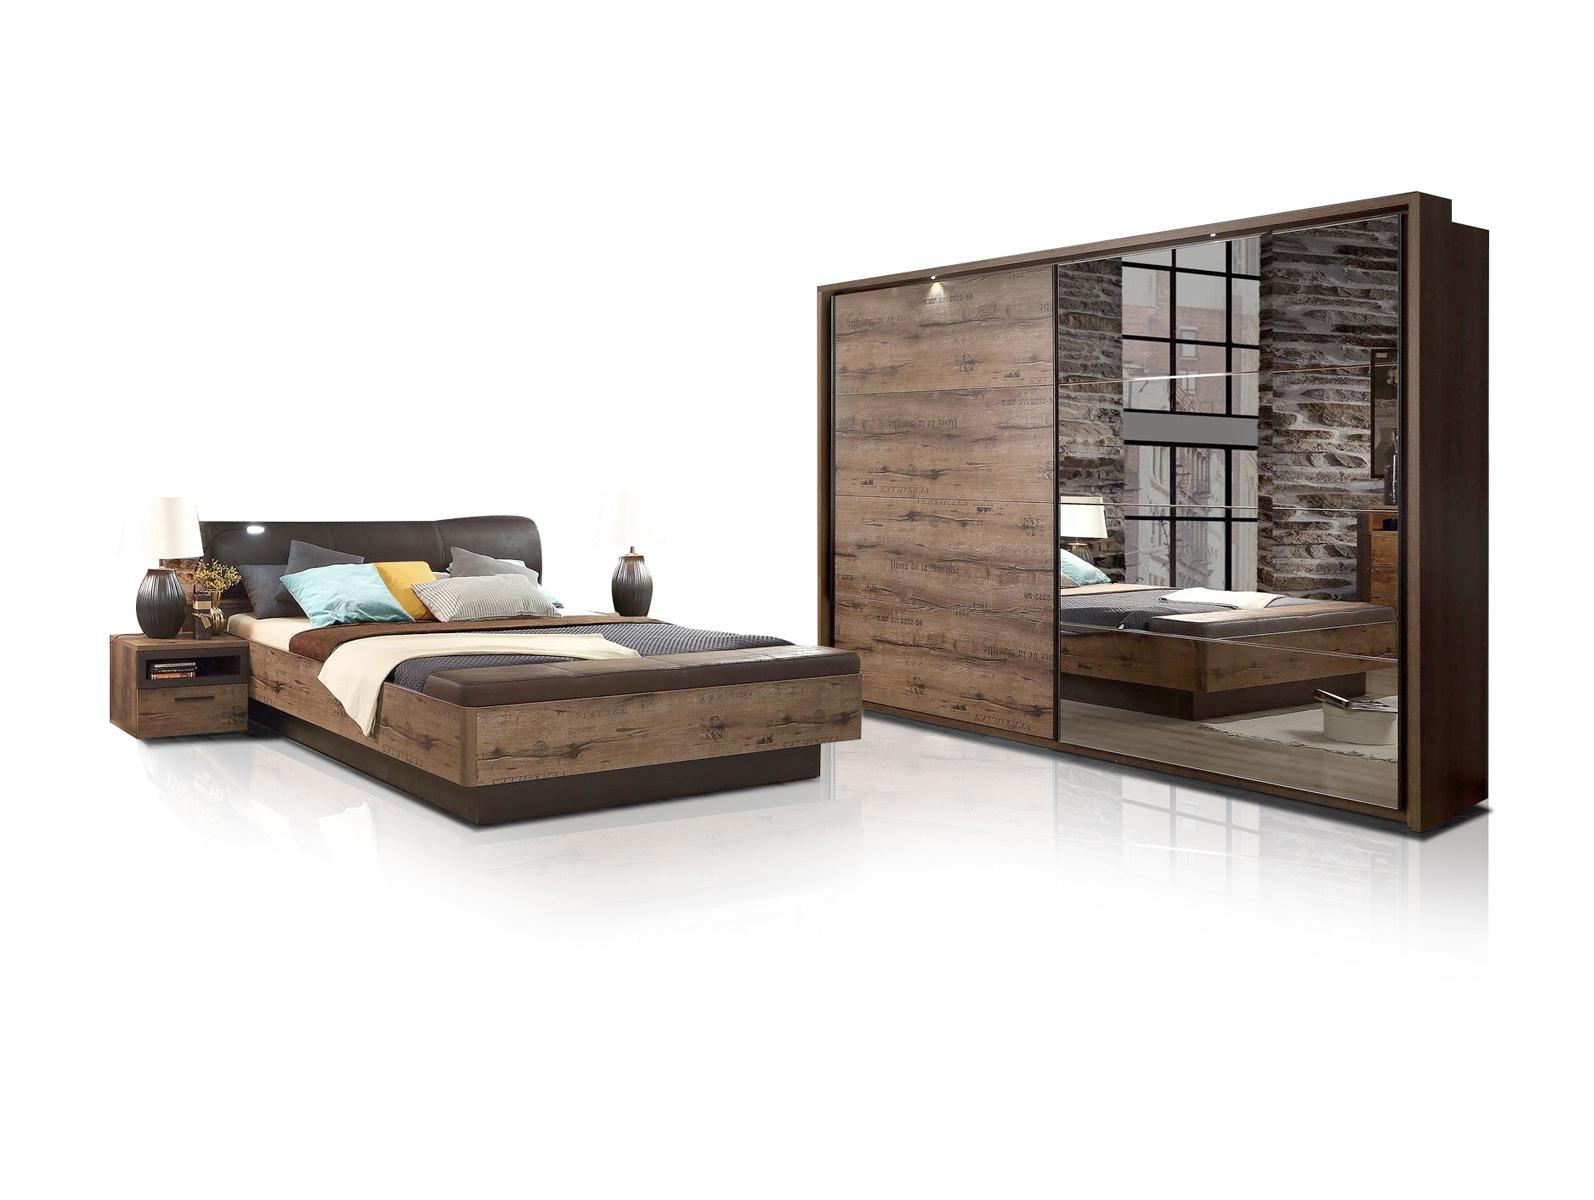 schlafzimmer set schwarzeiche schlafzimmer minecraft bettw sche 200 220 gardinen ikea komplett. Black Bedroom Furniture Sets. Home Design Ideas